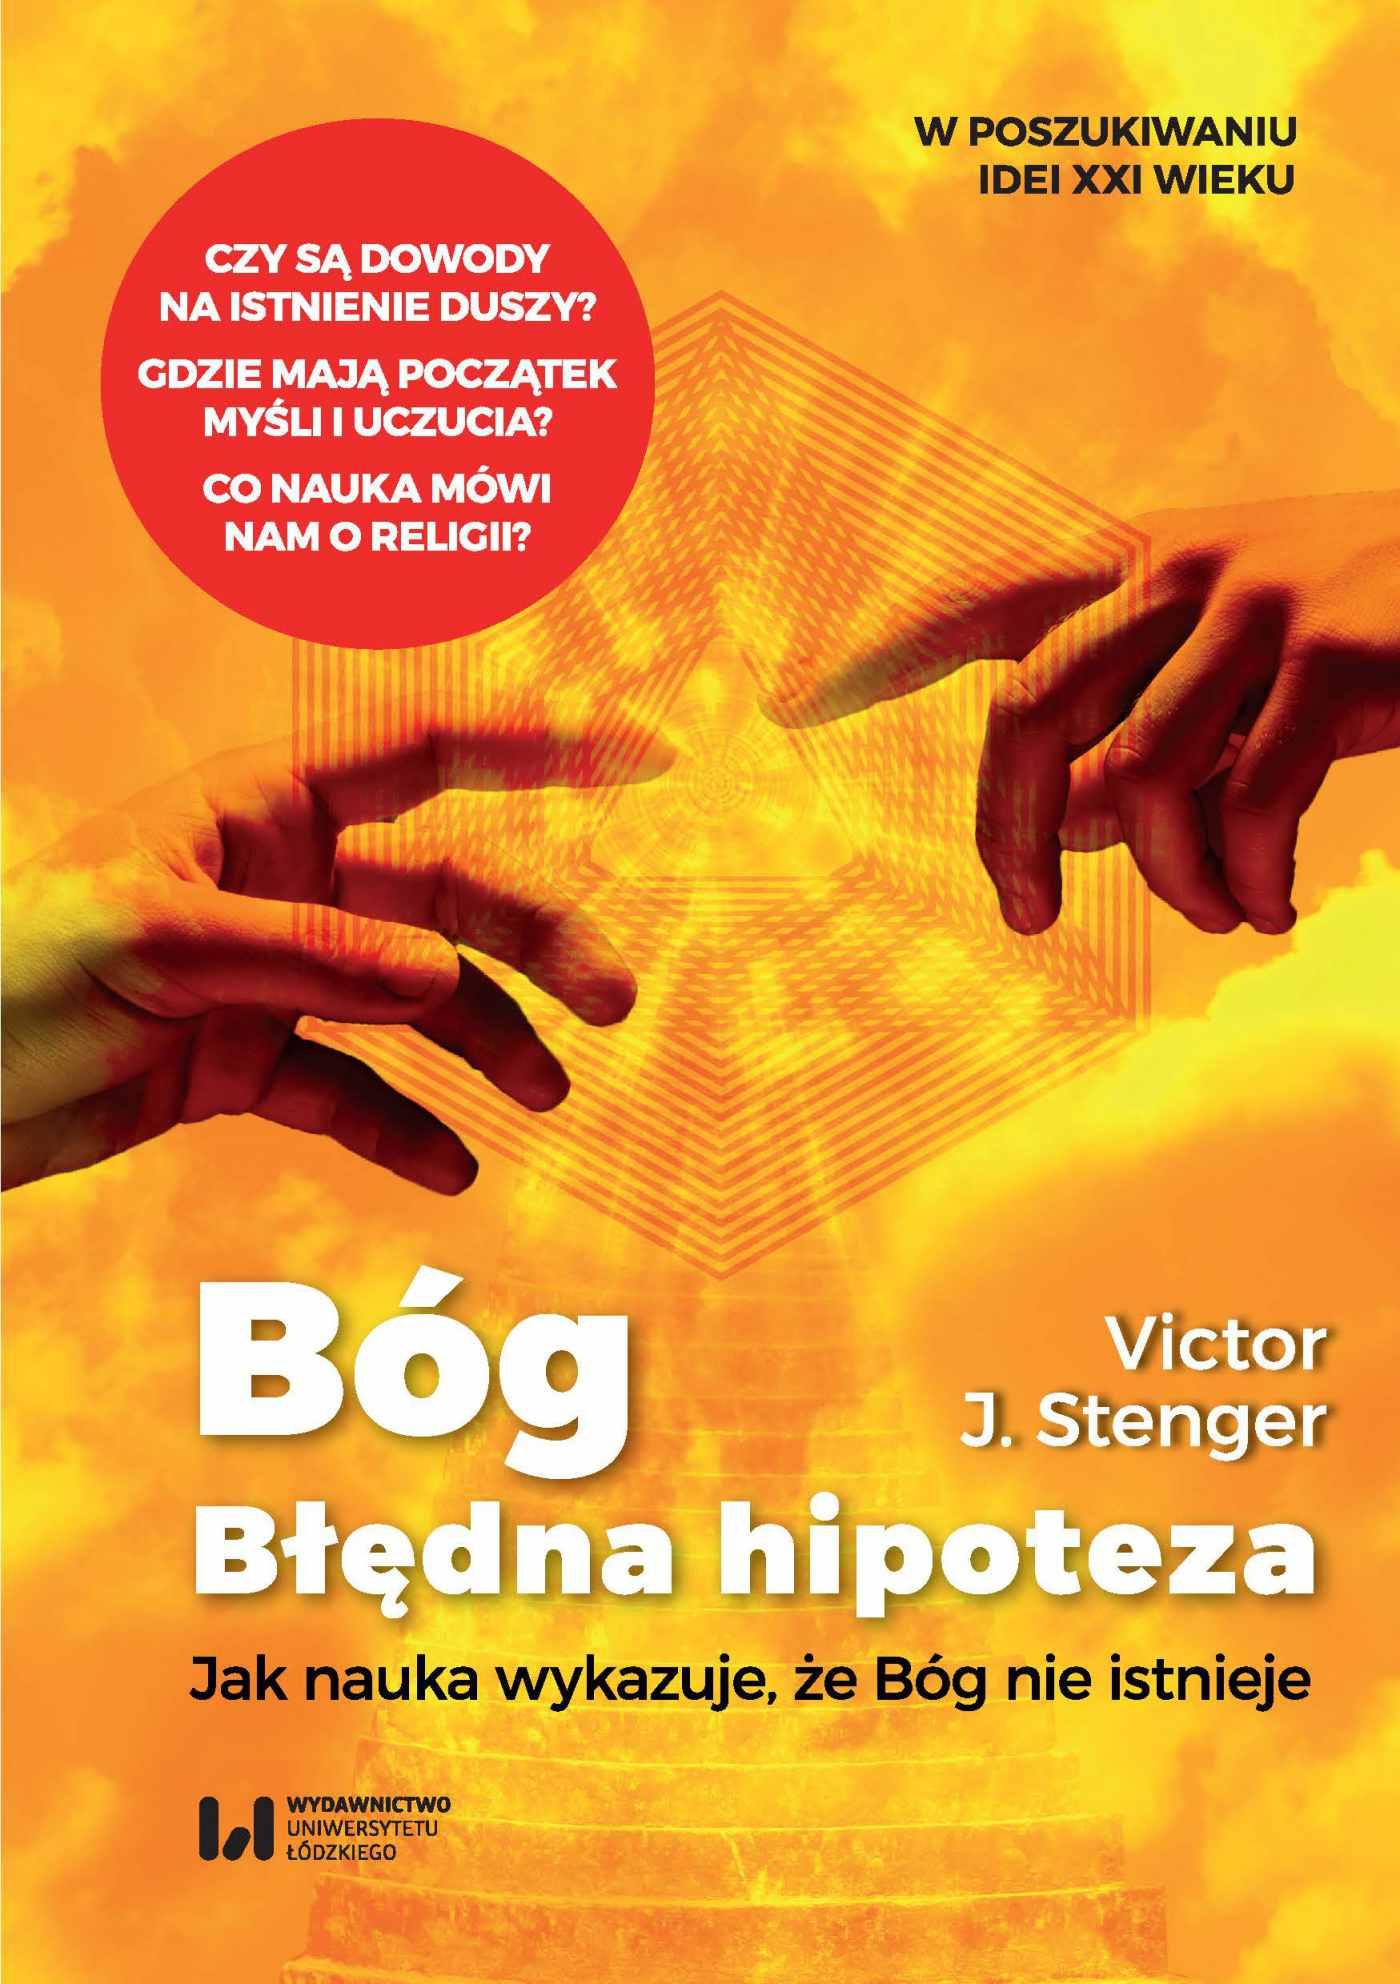 Bóg. Błędna hipoteza. Jak nauka wykazuje, że Bóg nie istnieje - Ebook (Książka EPUB) do pobrania w formacie EPUB